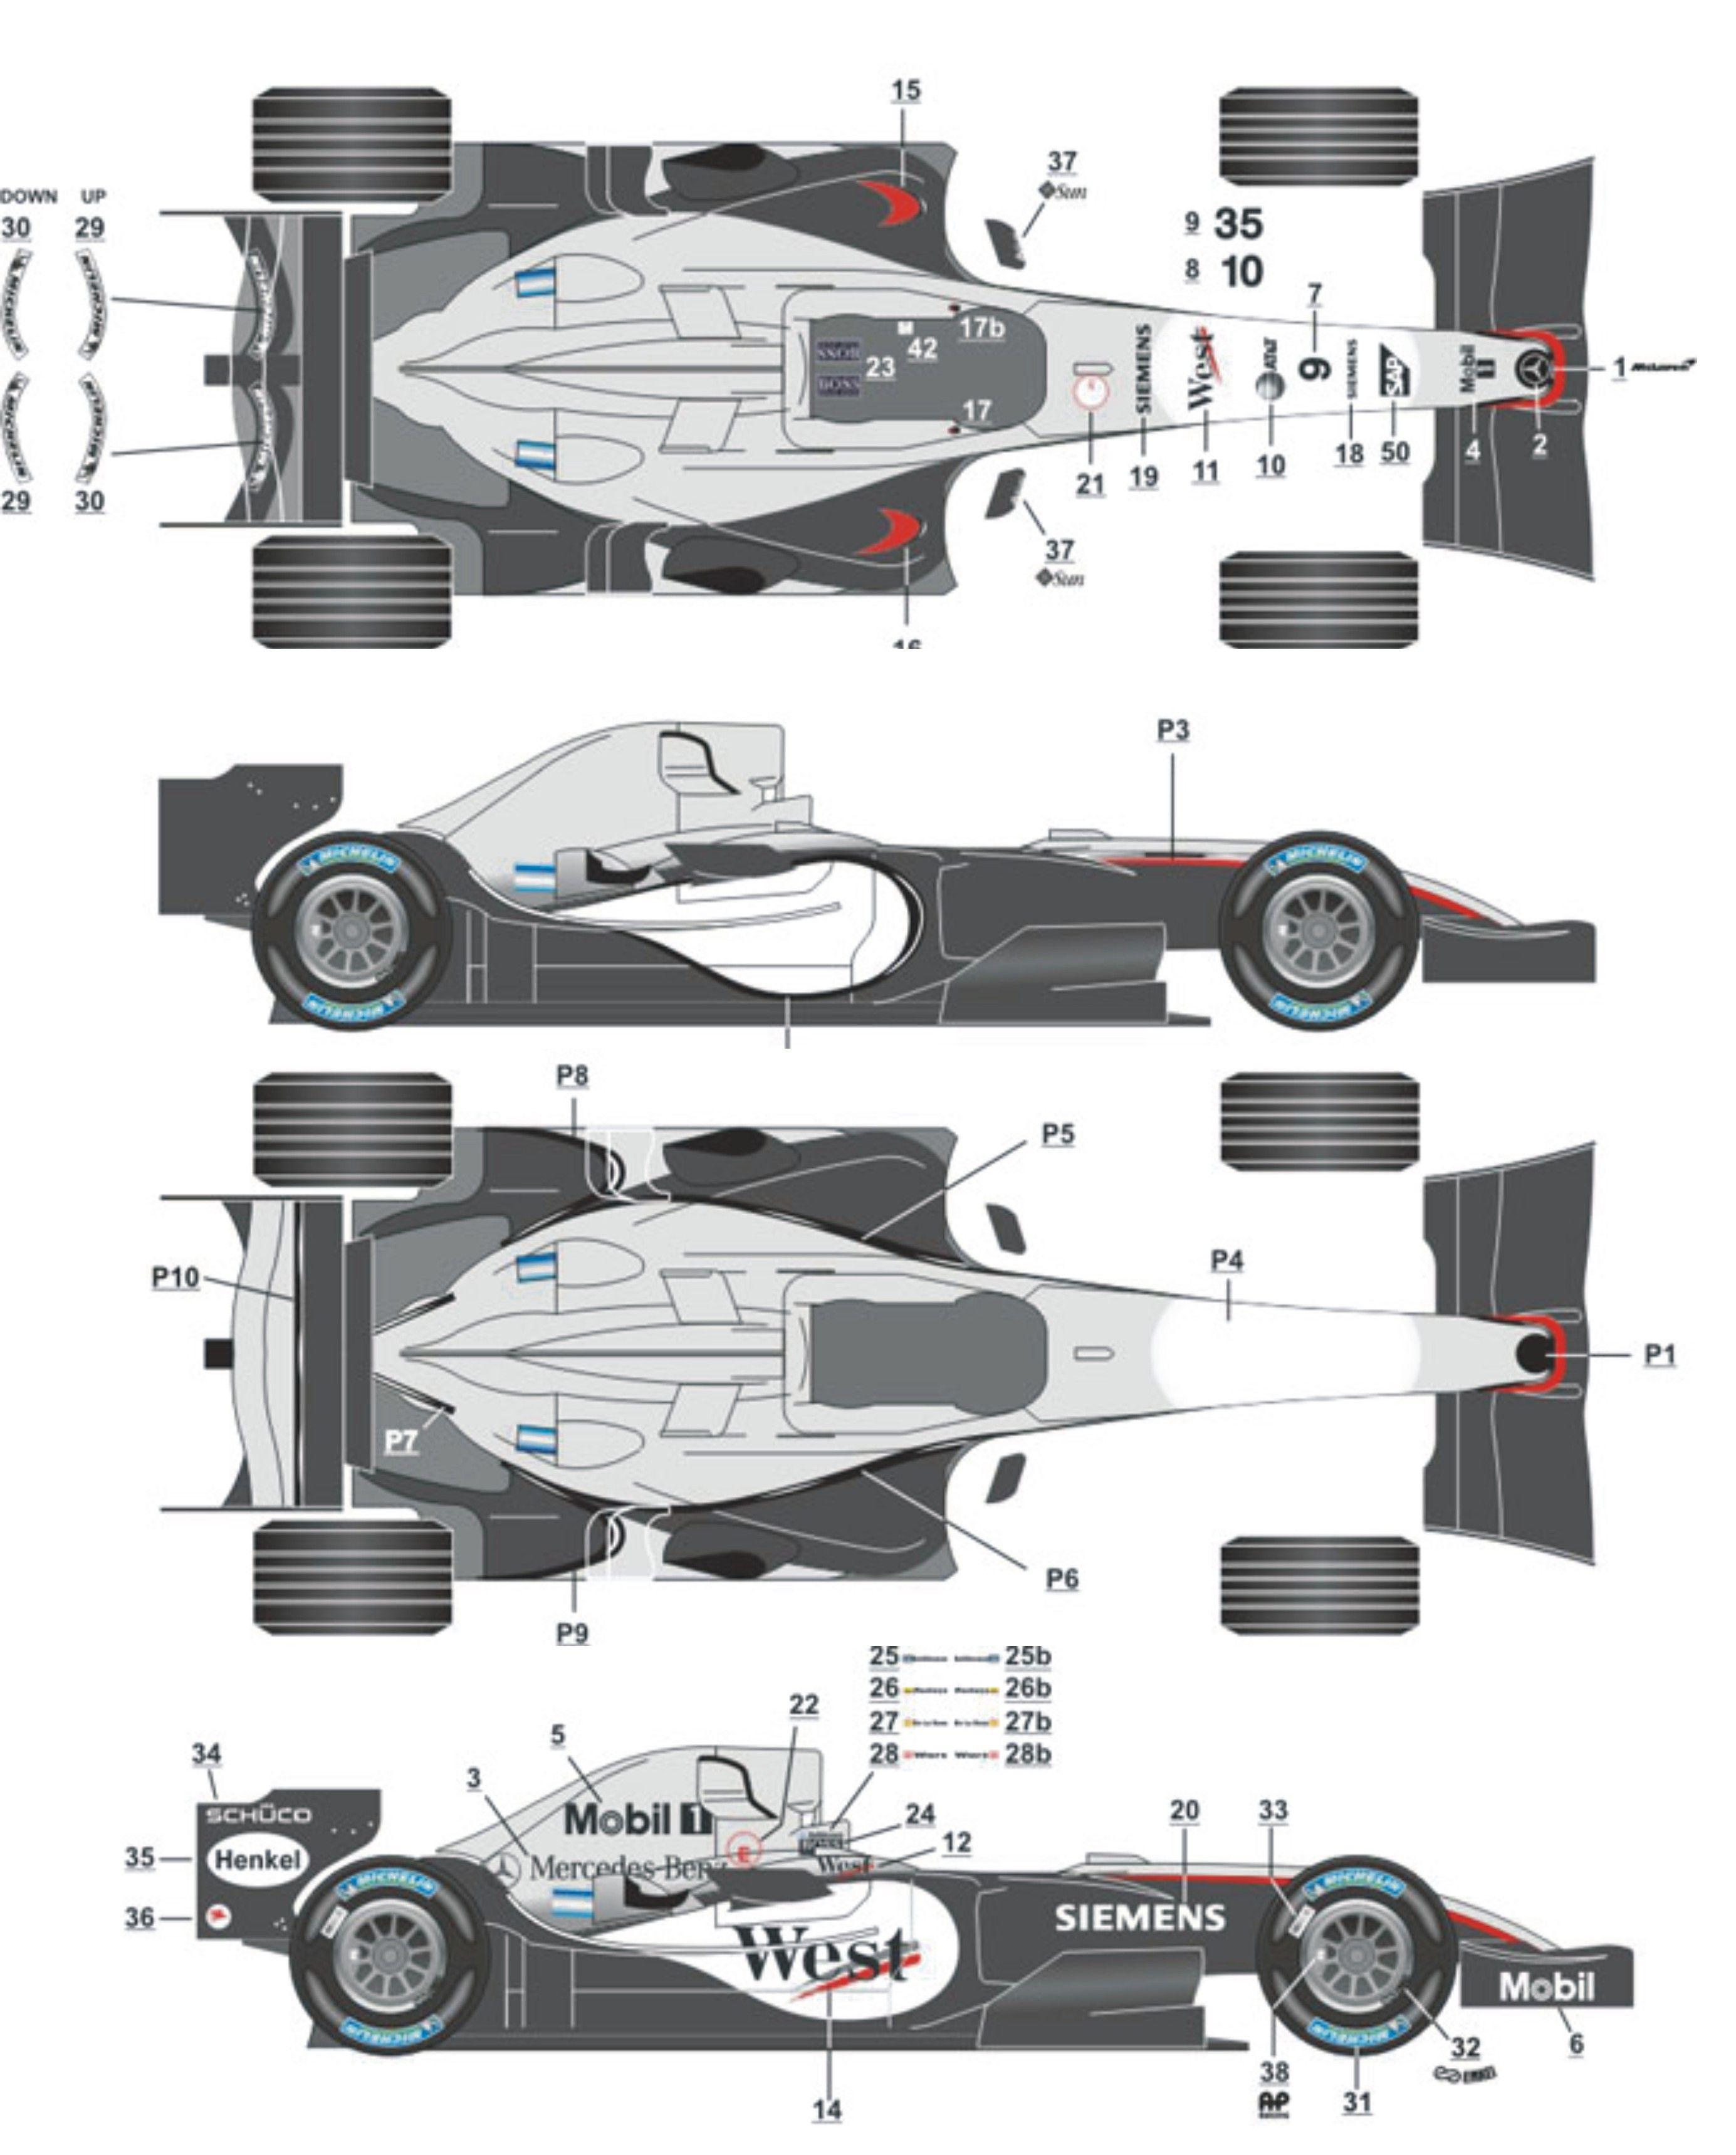 McLaren MP 4-20 | F-1 Blueprint | Pinterest | F1, Mclaren f1 and Cars